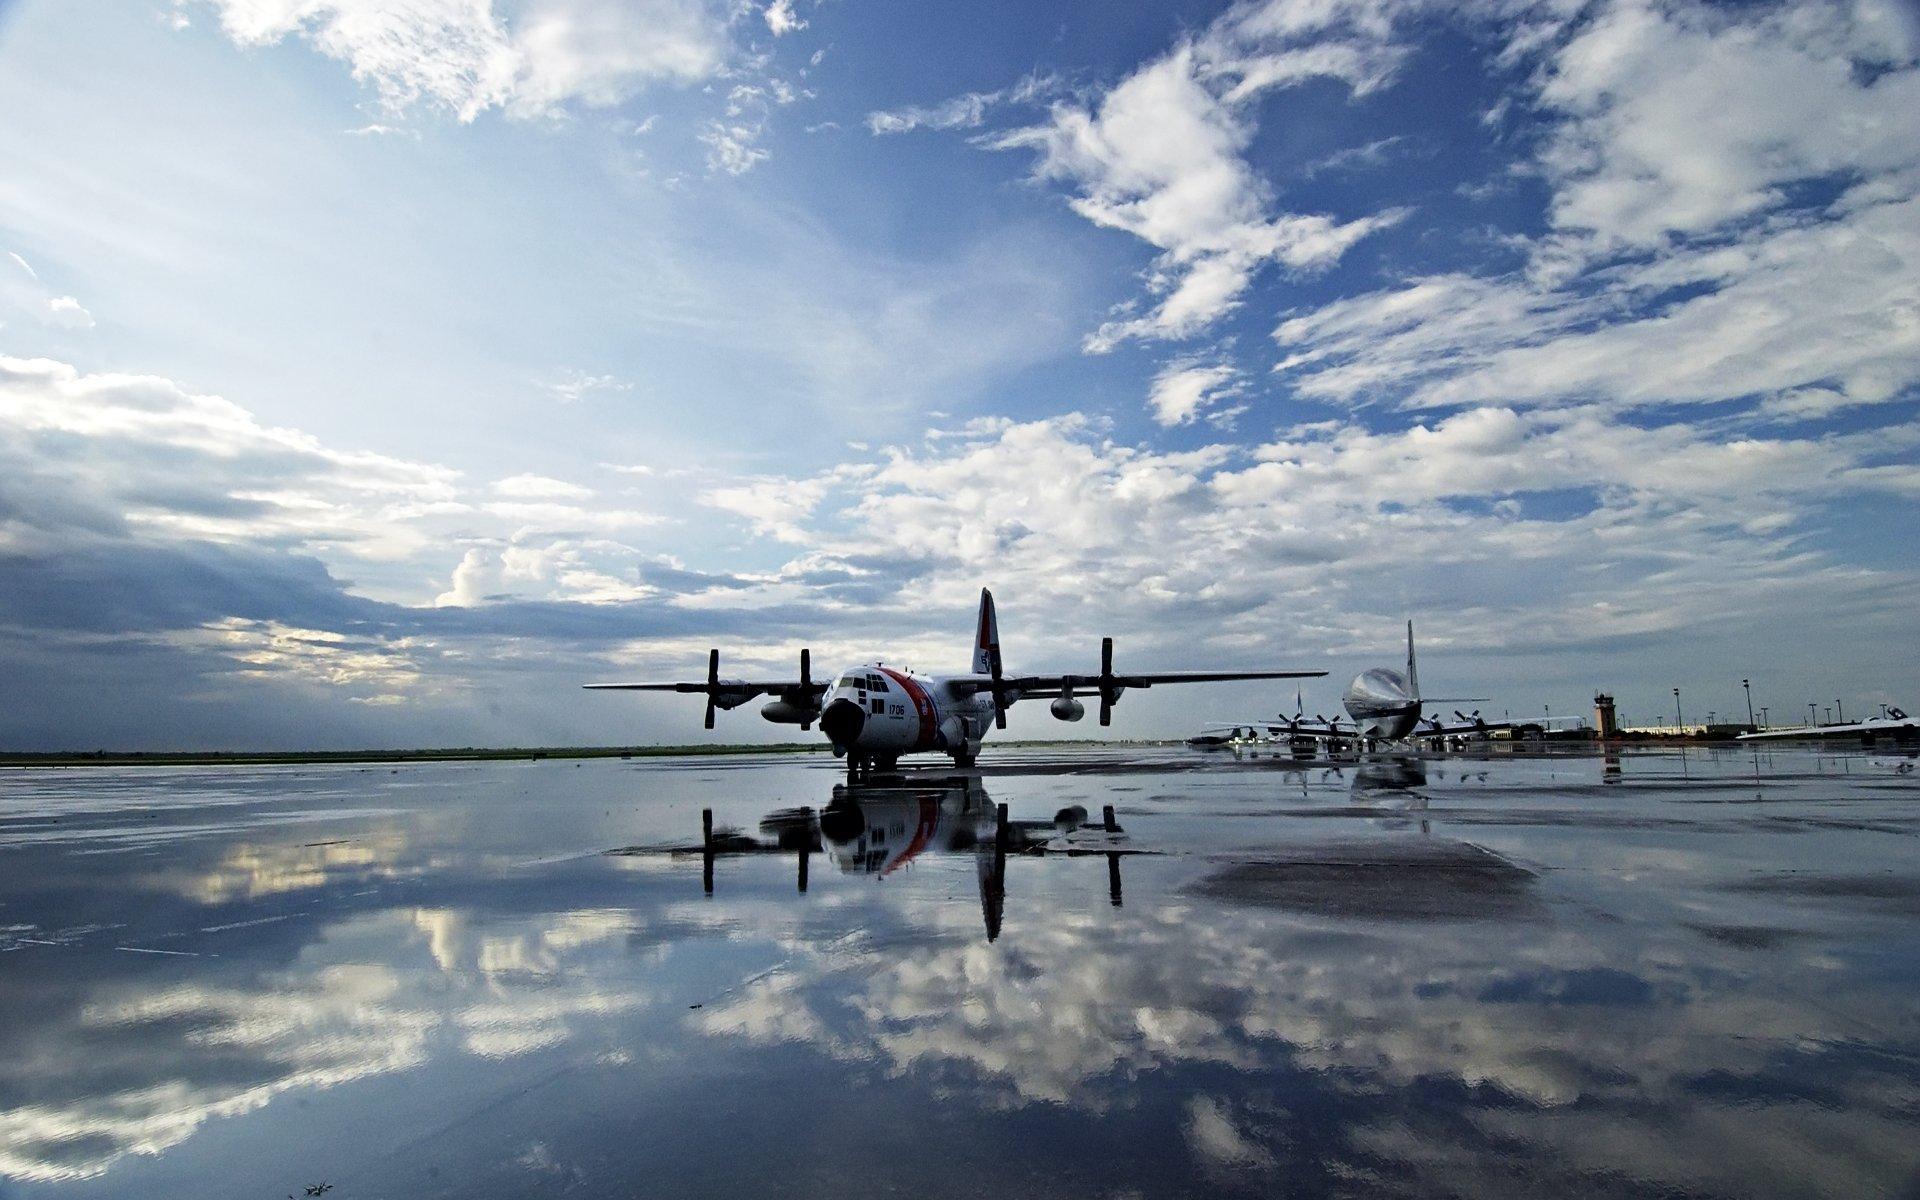 аэродром, самолеты, взлетка